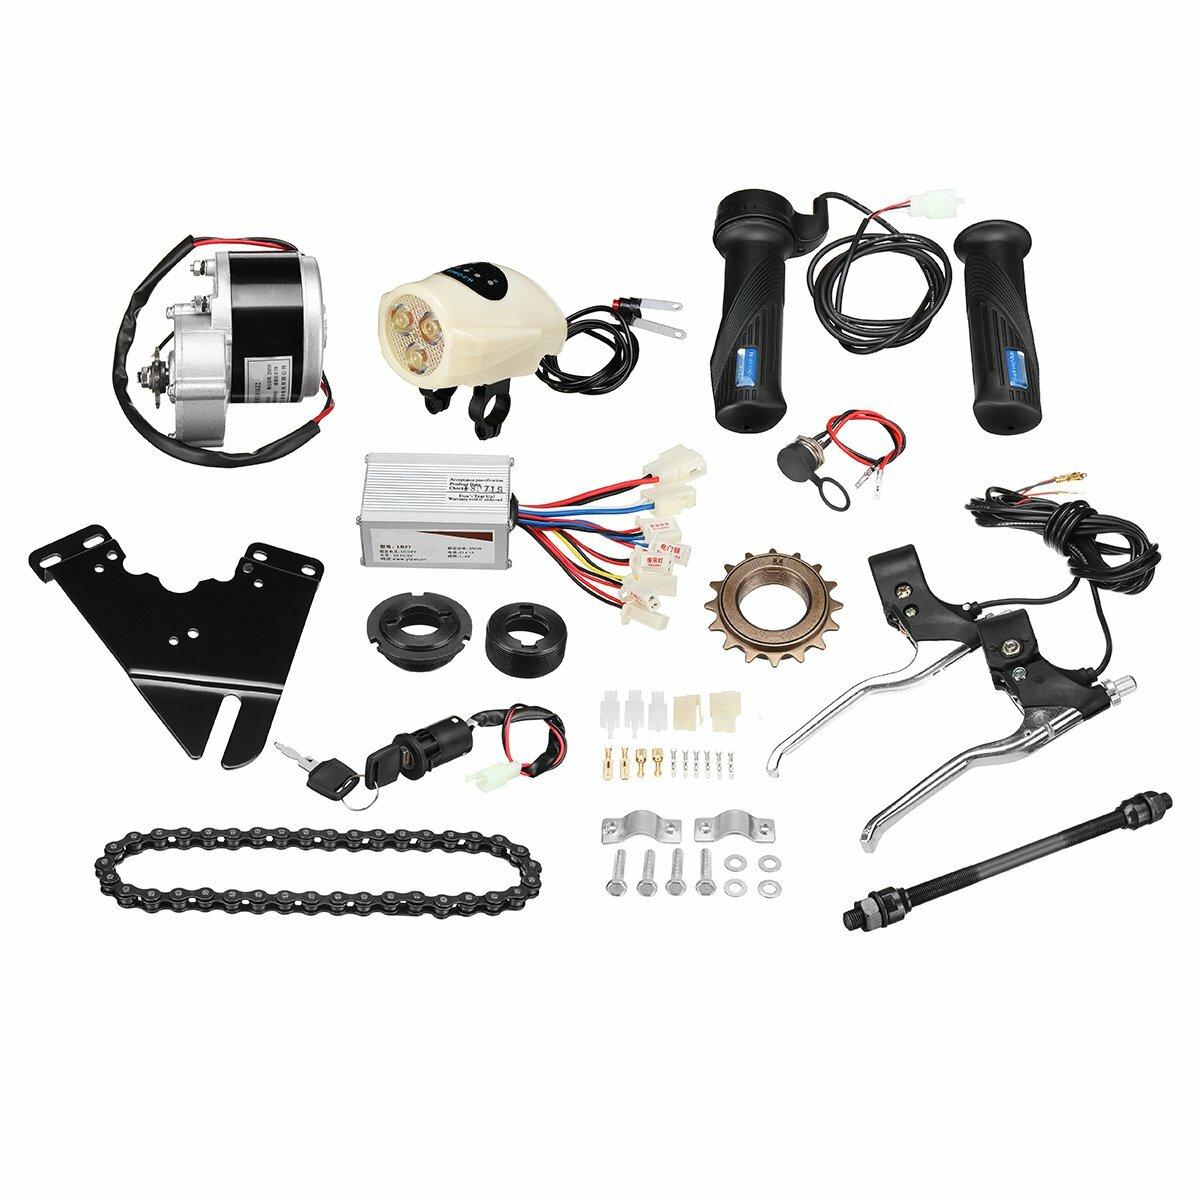 Equipo eléctrico del regulador de la vespa motor de la conversión de la bici de 24V 250W para la bici ordinaria 22-28inch